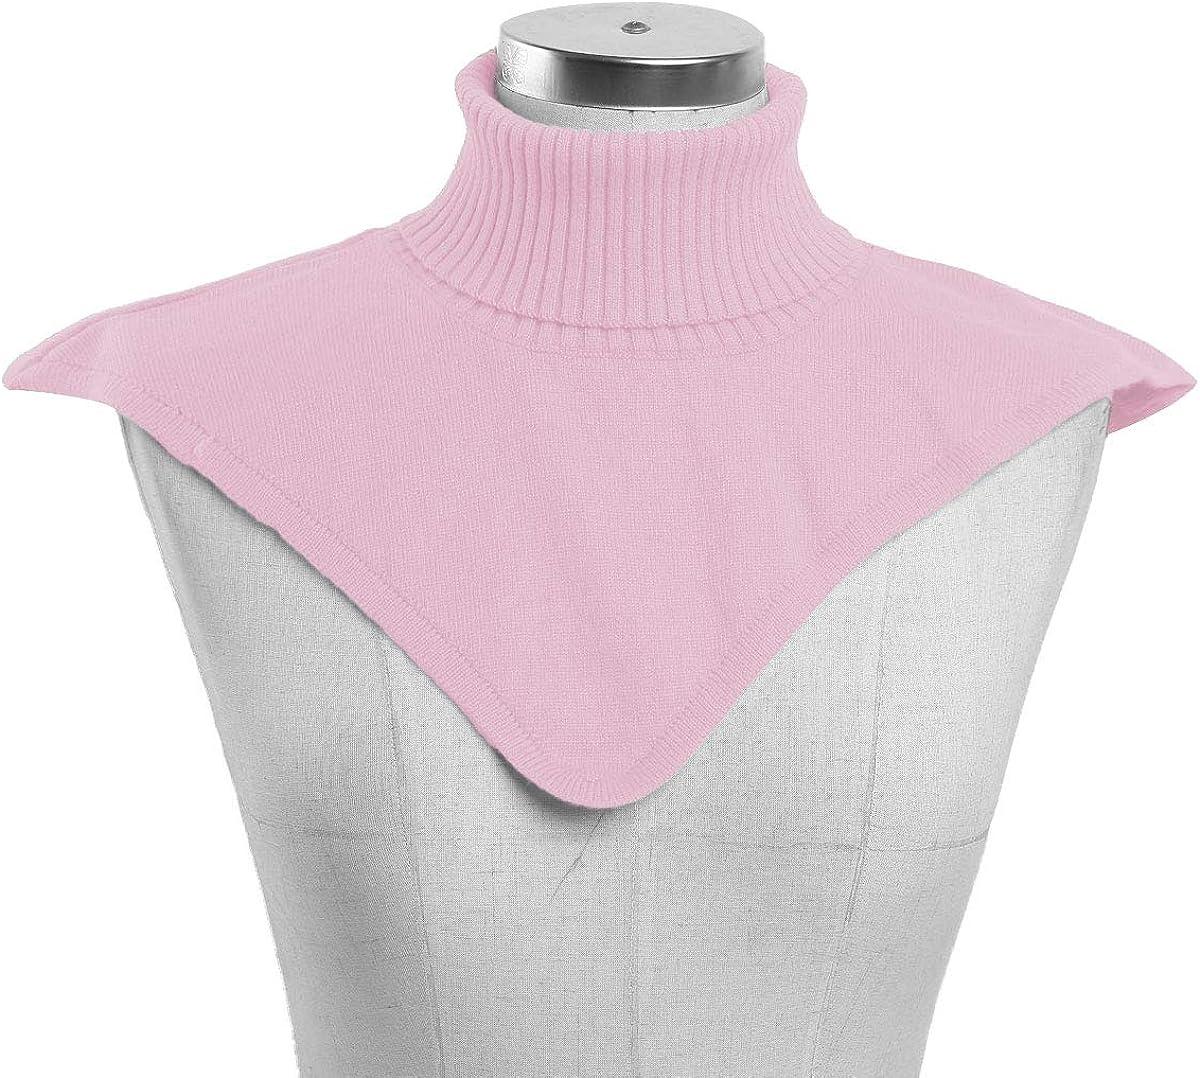 CHICTRY Krageneinsatz Damen Warm Blusenkragen Einsatz Fake Kragen Wolle Stehkragen Einsatz Kleidung Zubehör für Pullover Shirt Rosa